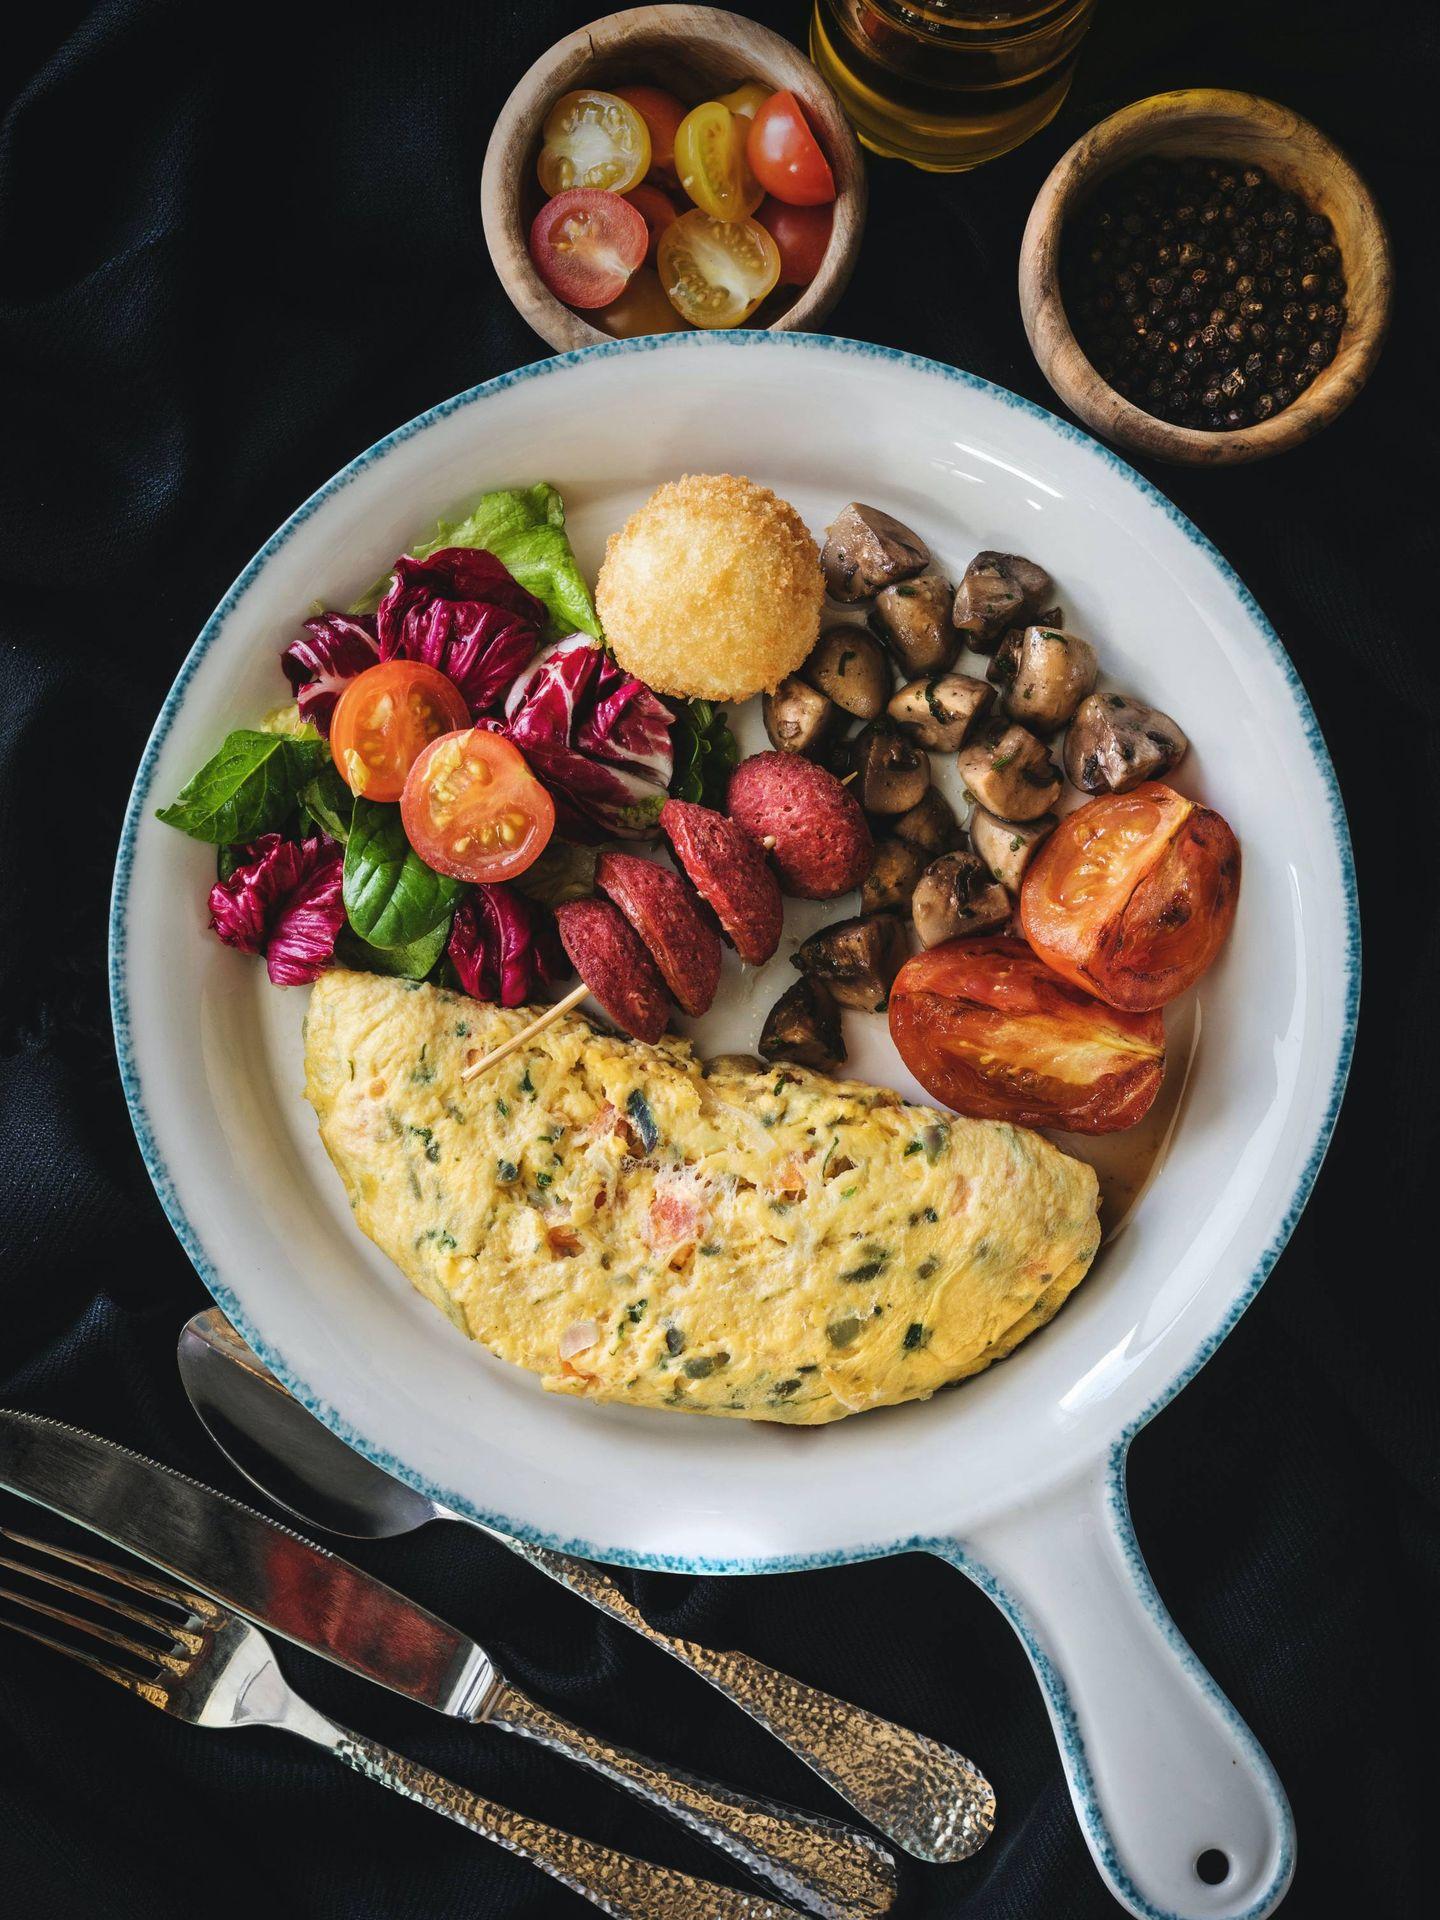 Conviene incluir verduras y proteína en la cena. (Eiliv-Sonas Aceron para Unsplash)